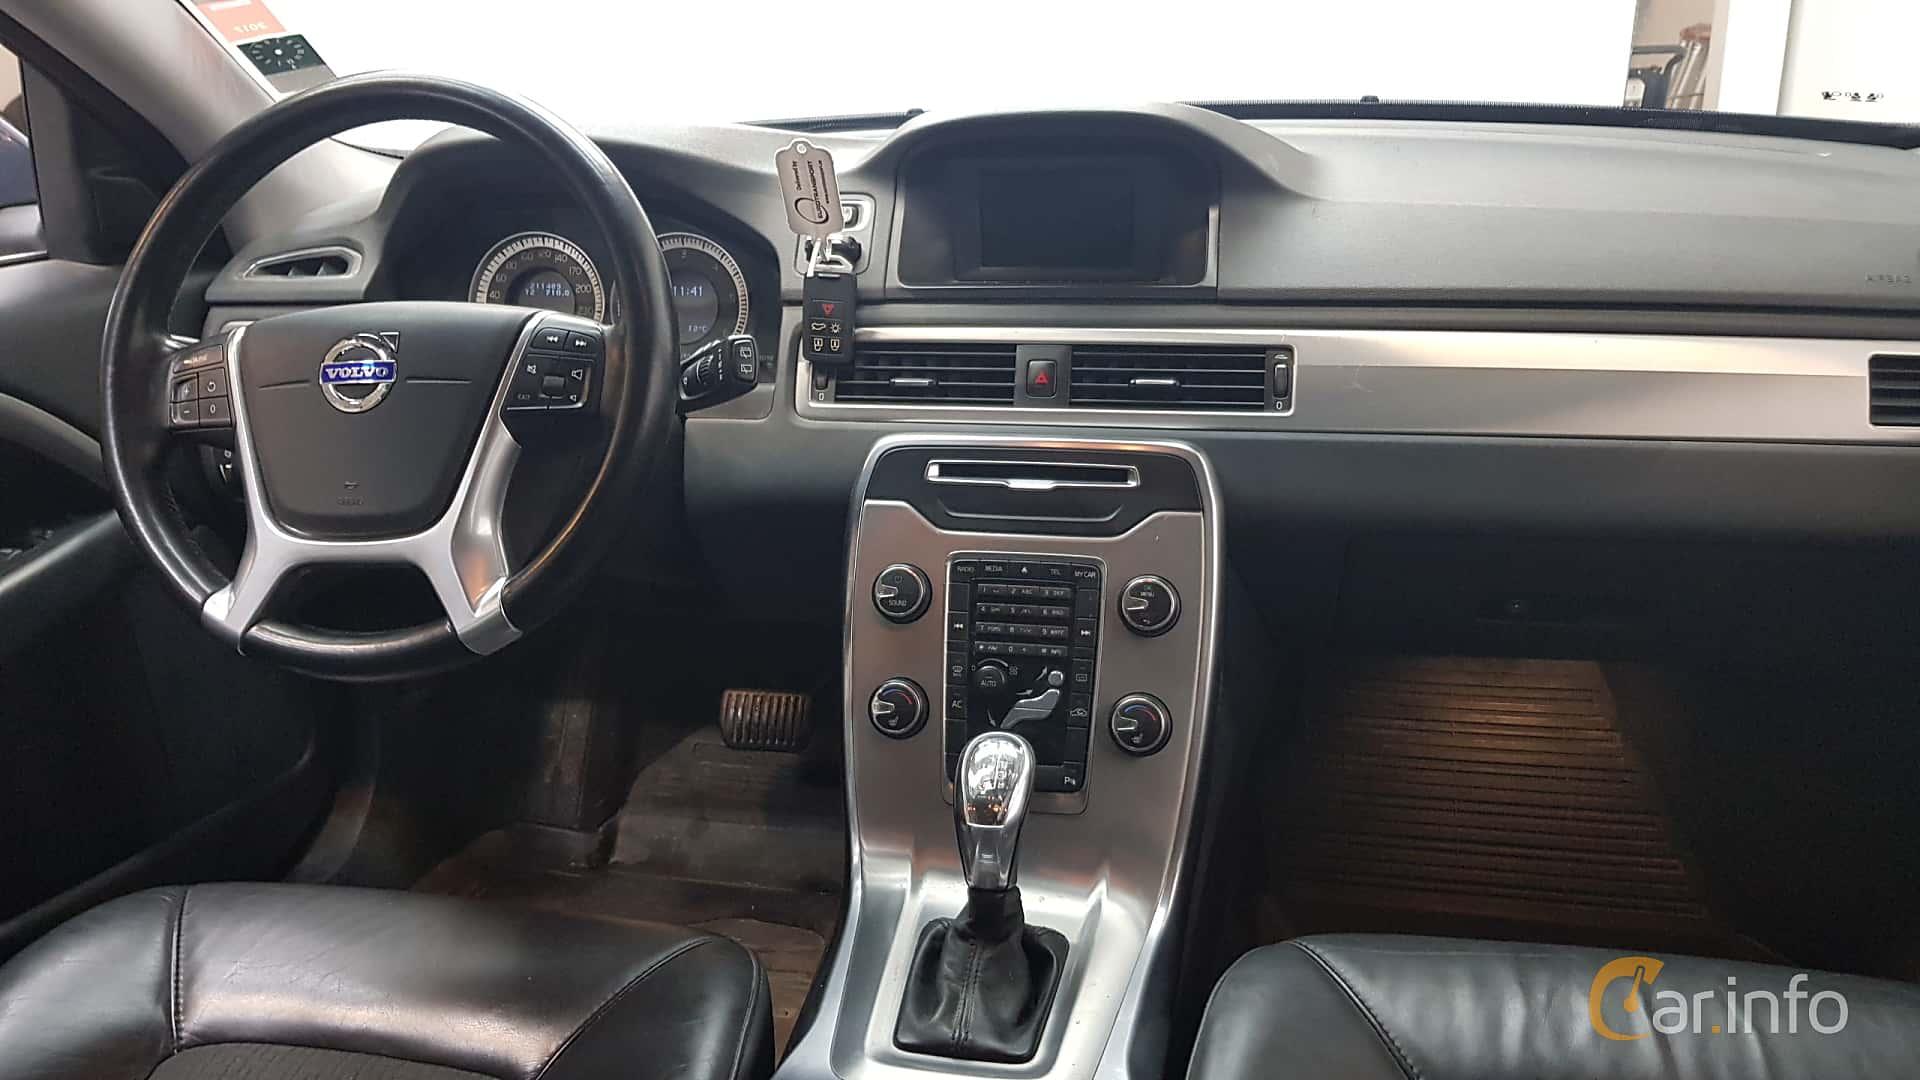 https://s.car.info/image_files/1920/volvo-v70-interior-2-507201.jpg